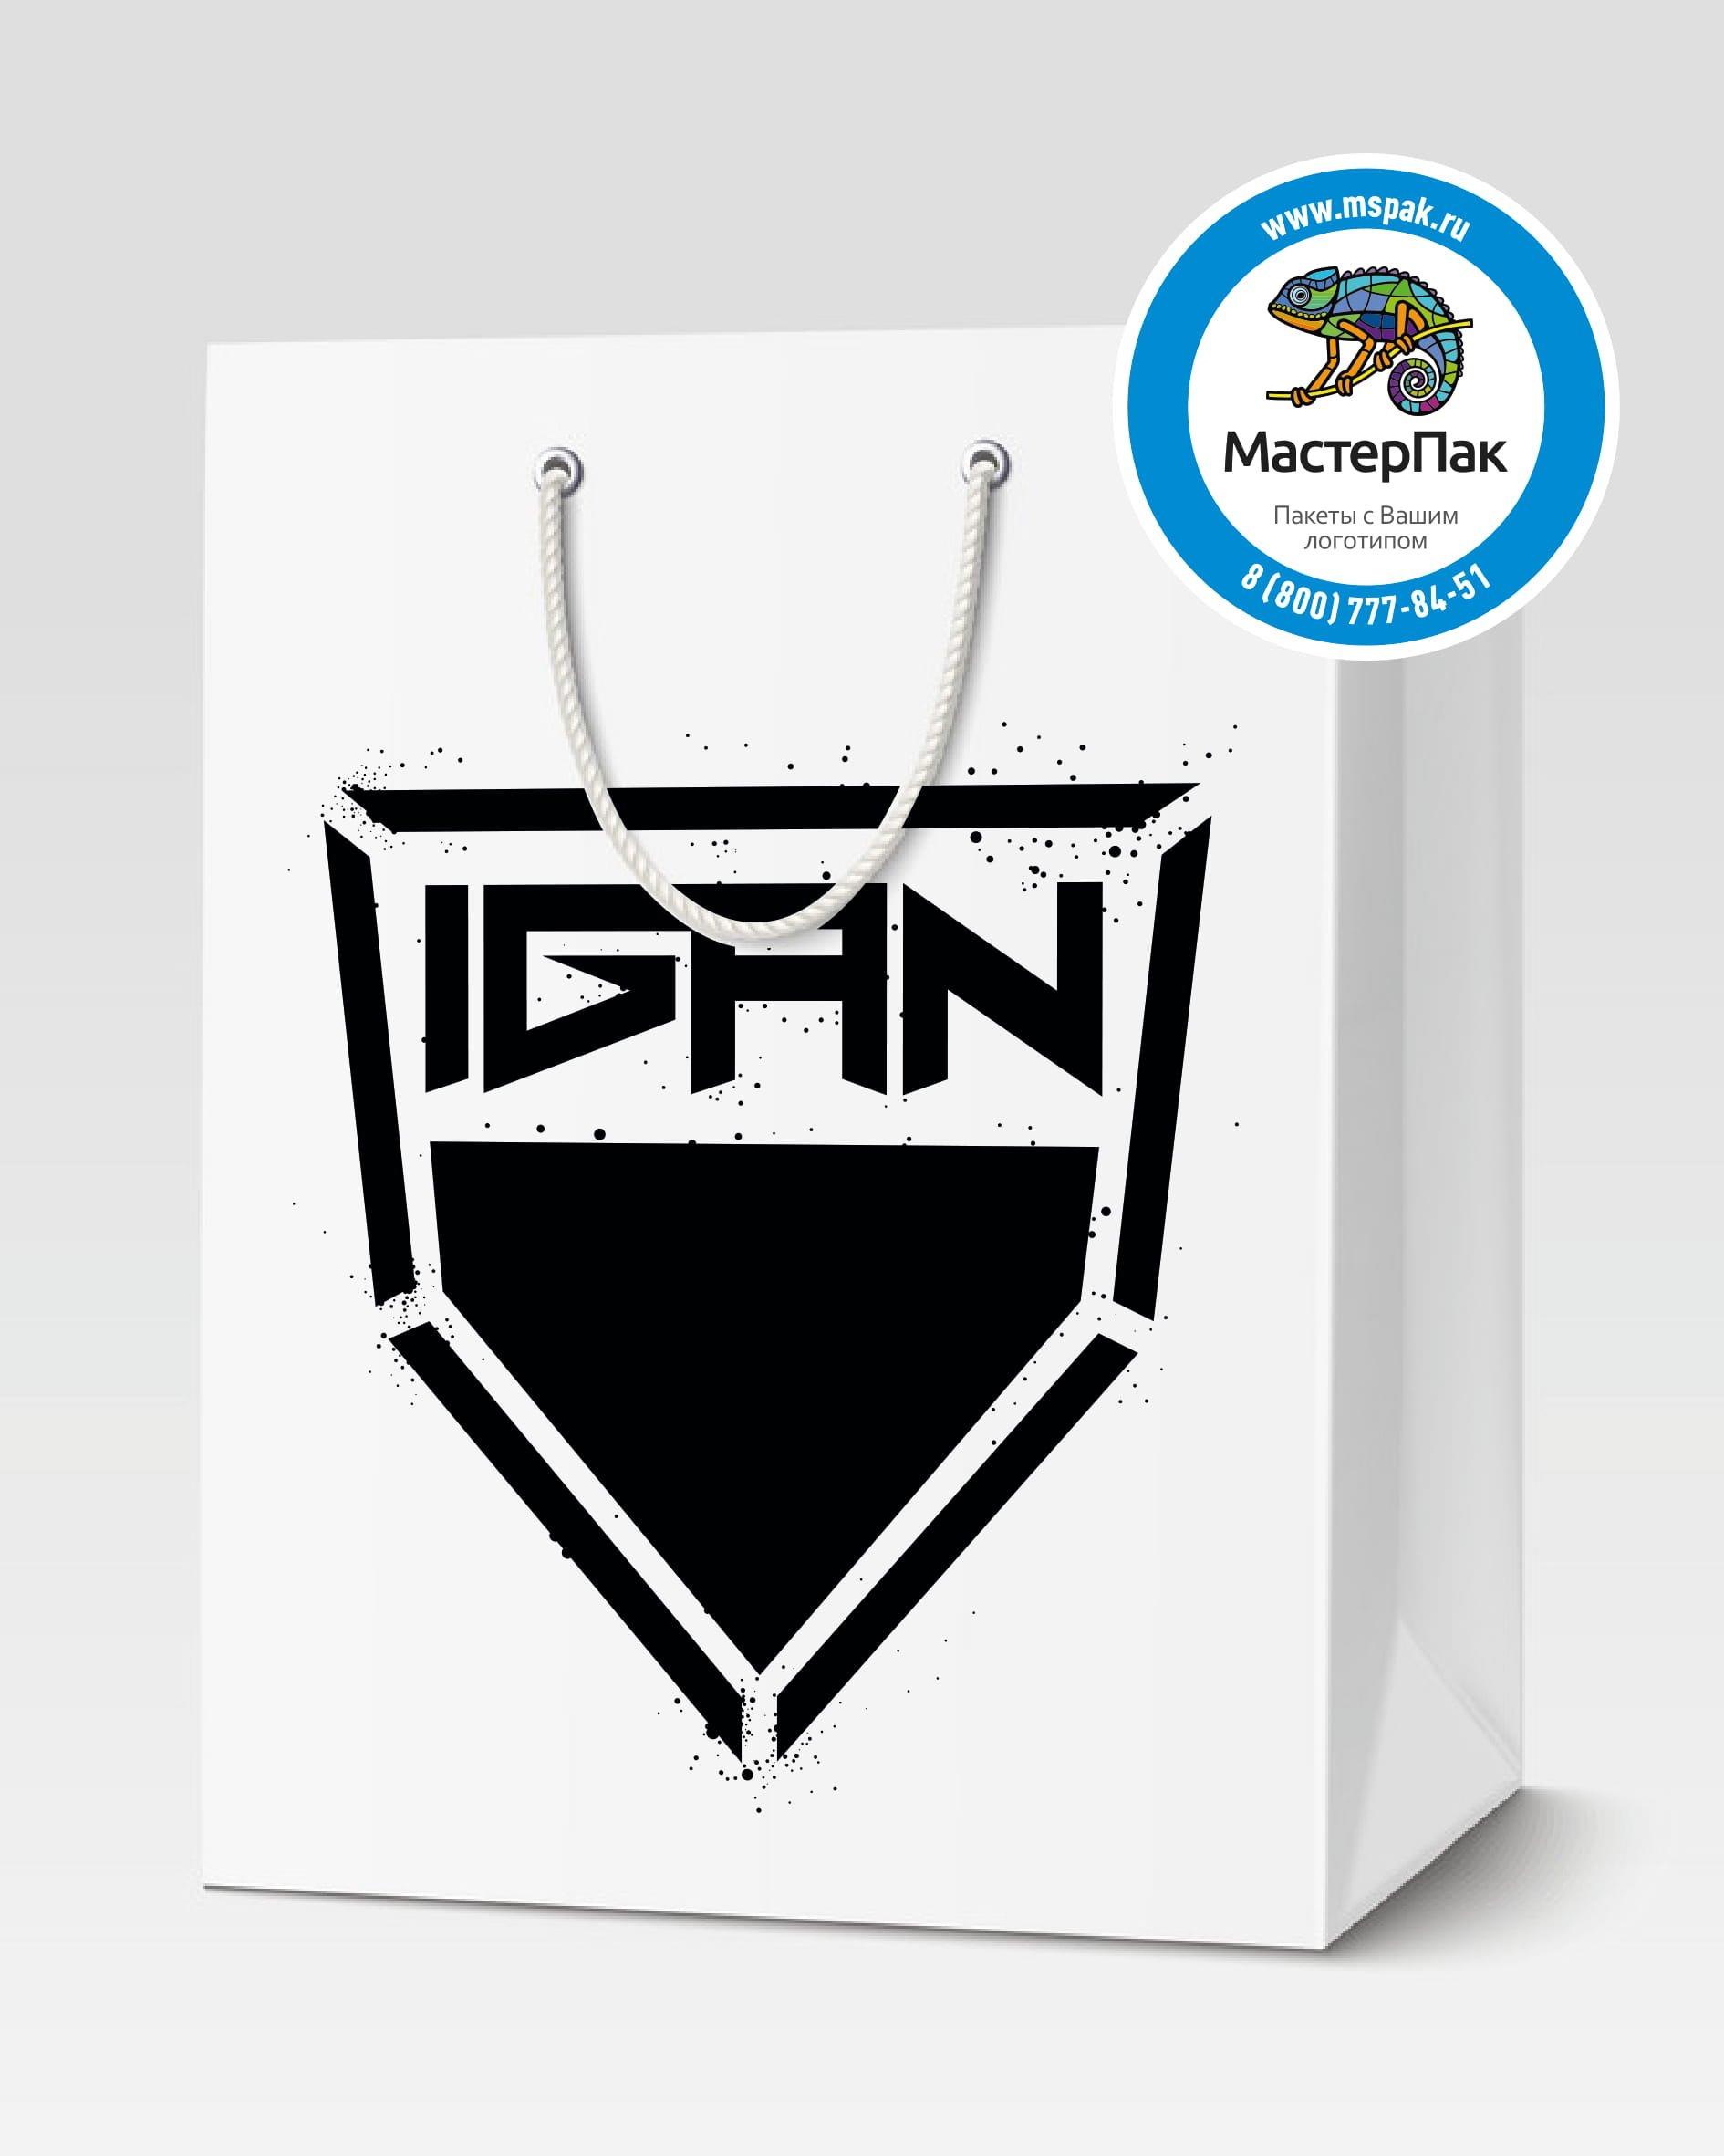 Пакет подарочный, бумажный с логотипом IGan, 30*40, люверсы